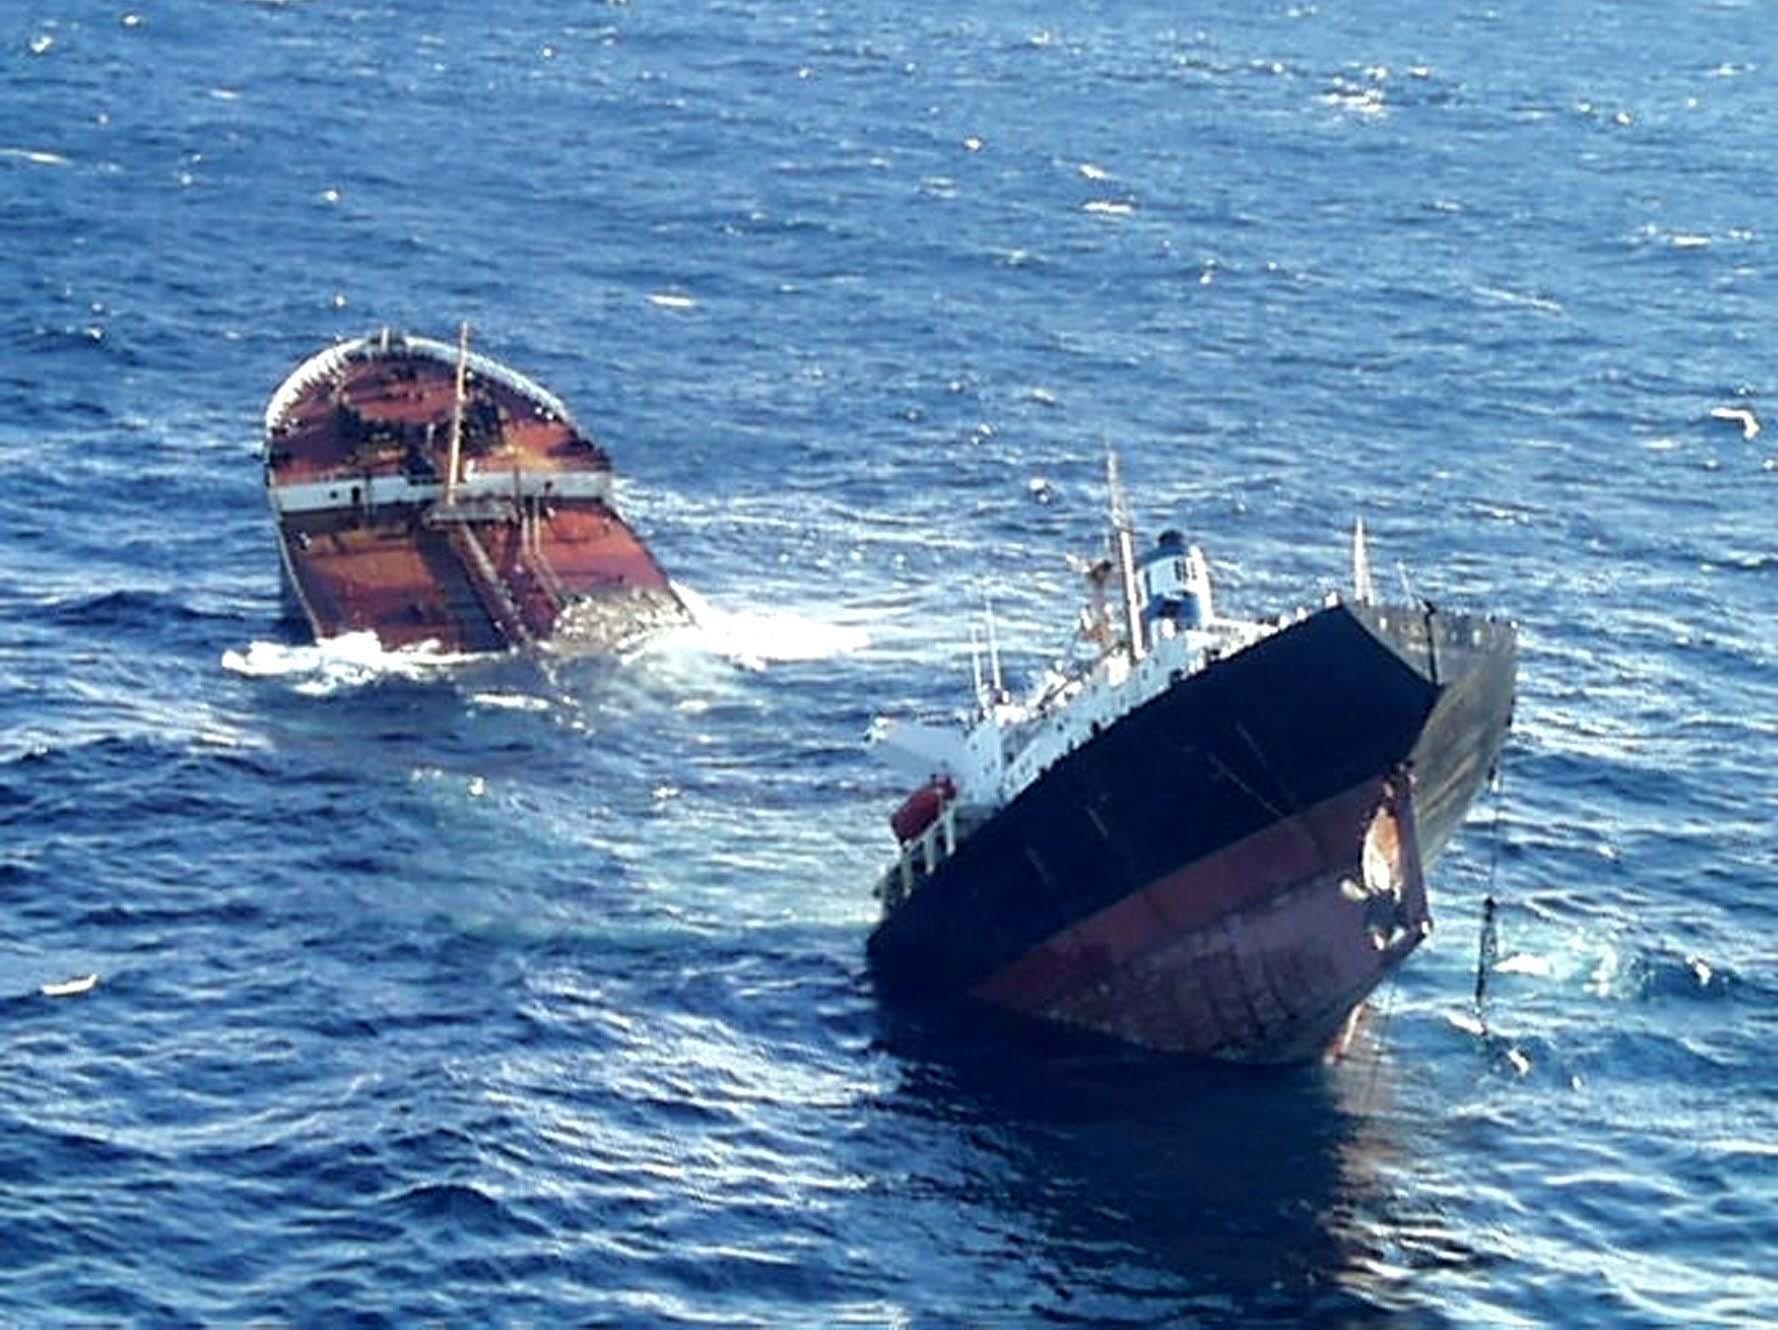 Αλβανία: Βυθίστηκε τάνκερ κοντά στο λιμάνι του Δυρραχίου | tovima.gr